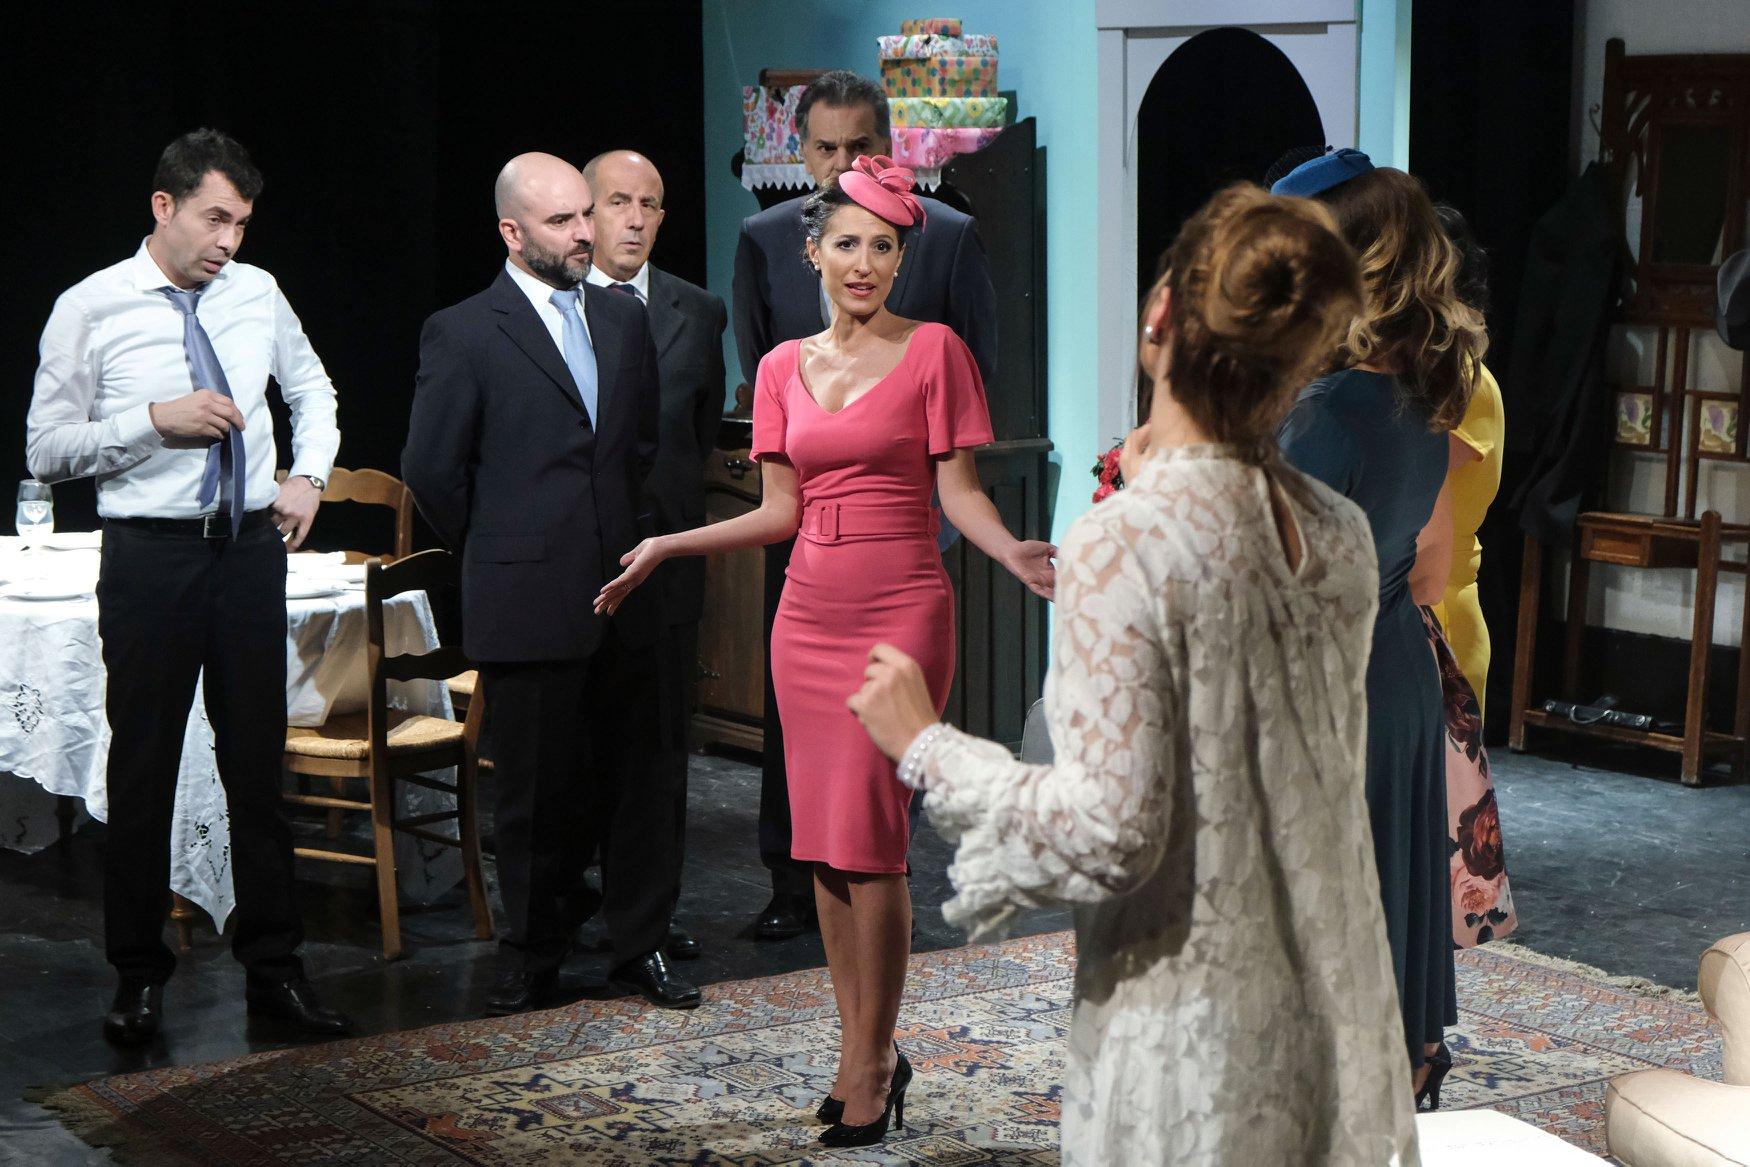 Δέσποινα Χαμλατζή, «Η γυνή να φοβήται τον άνδρα», Ελληνικό Θεατρικό Εργαστήρι 2019